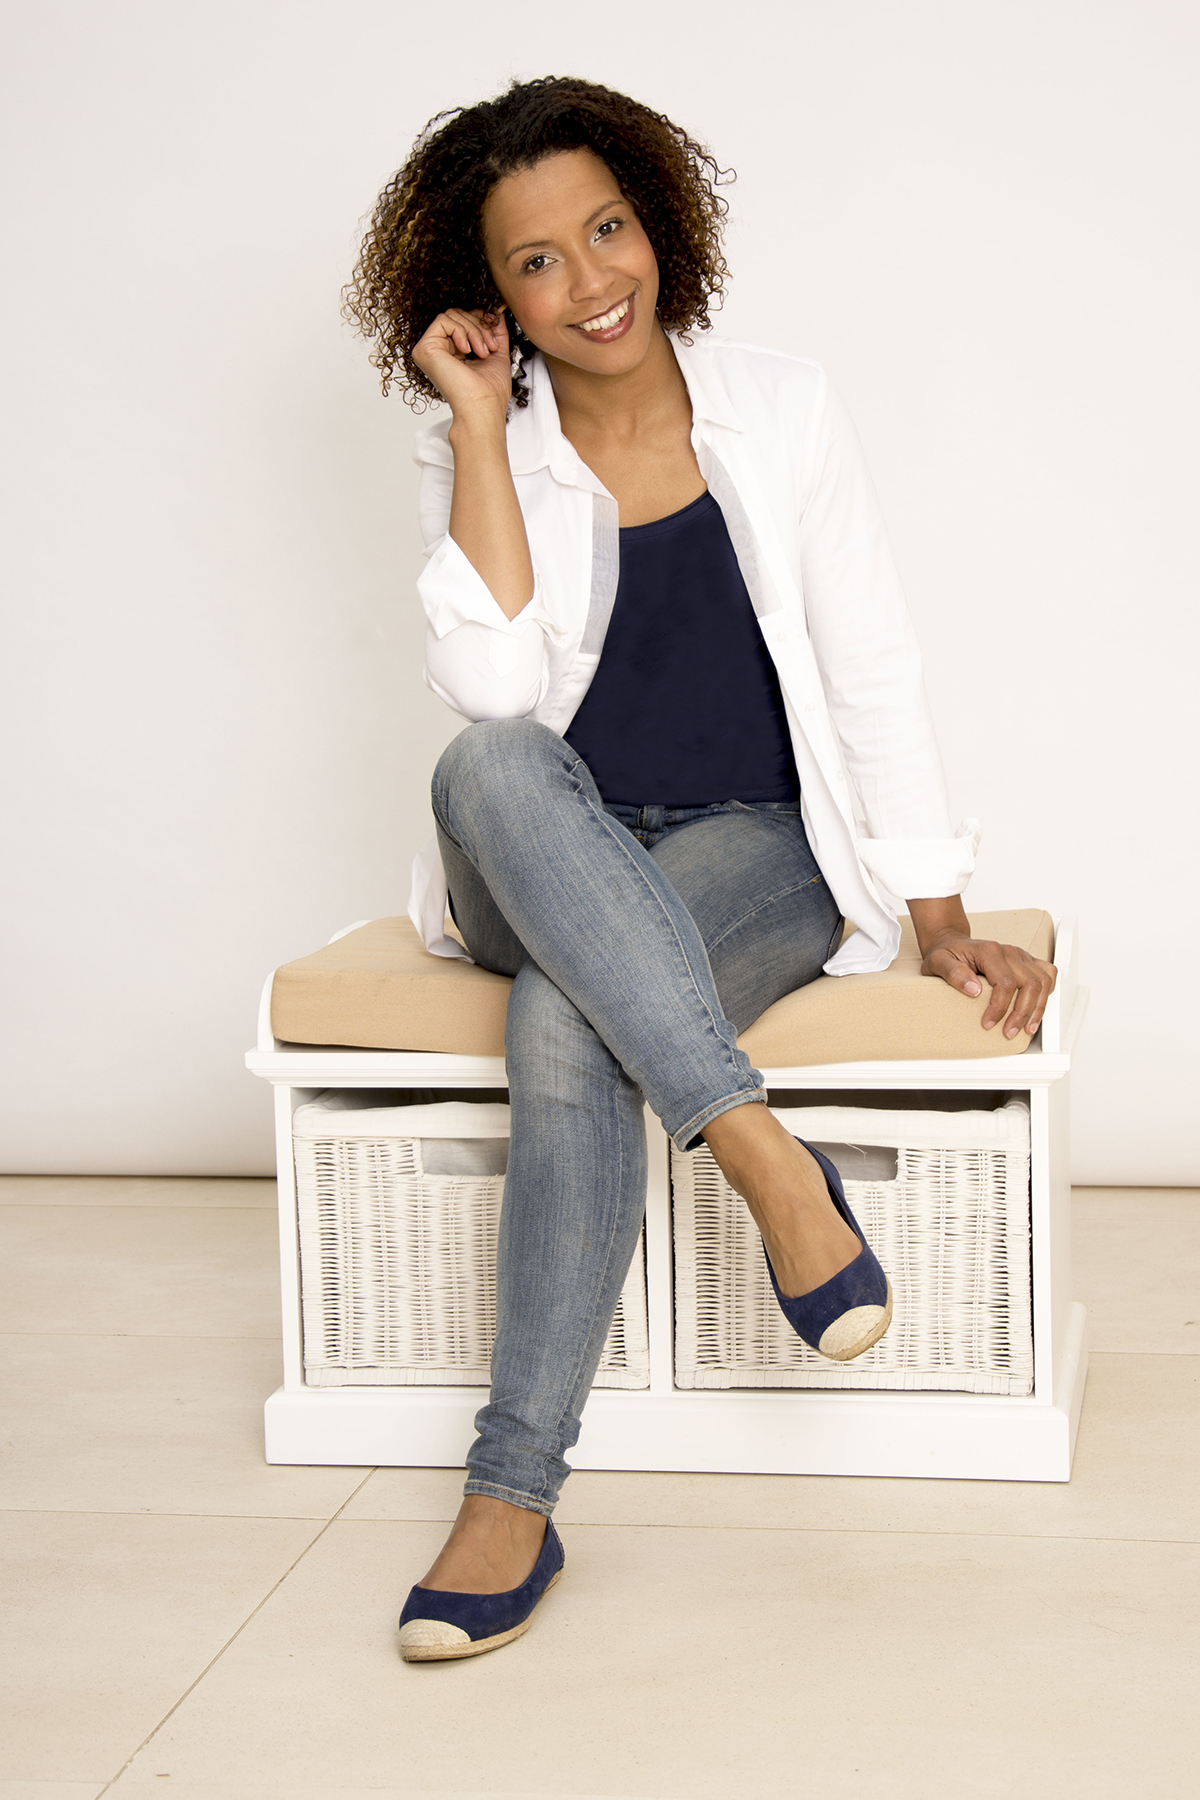 Donna-Louise Bryan Voiceover artist